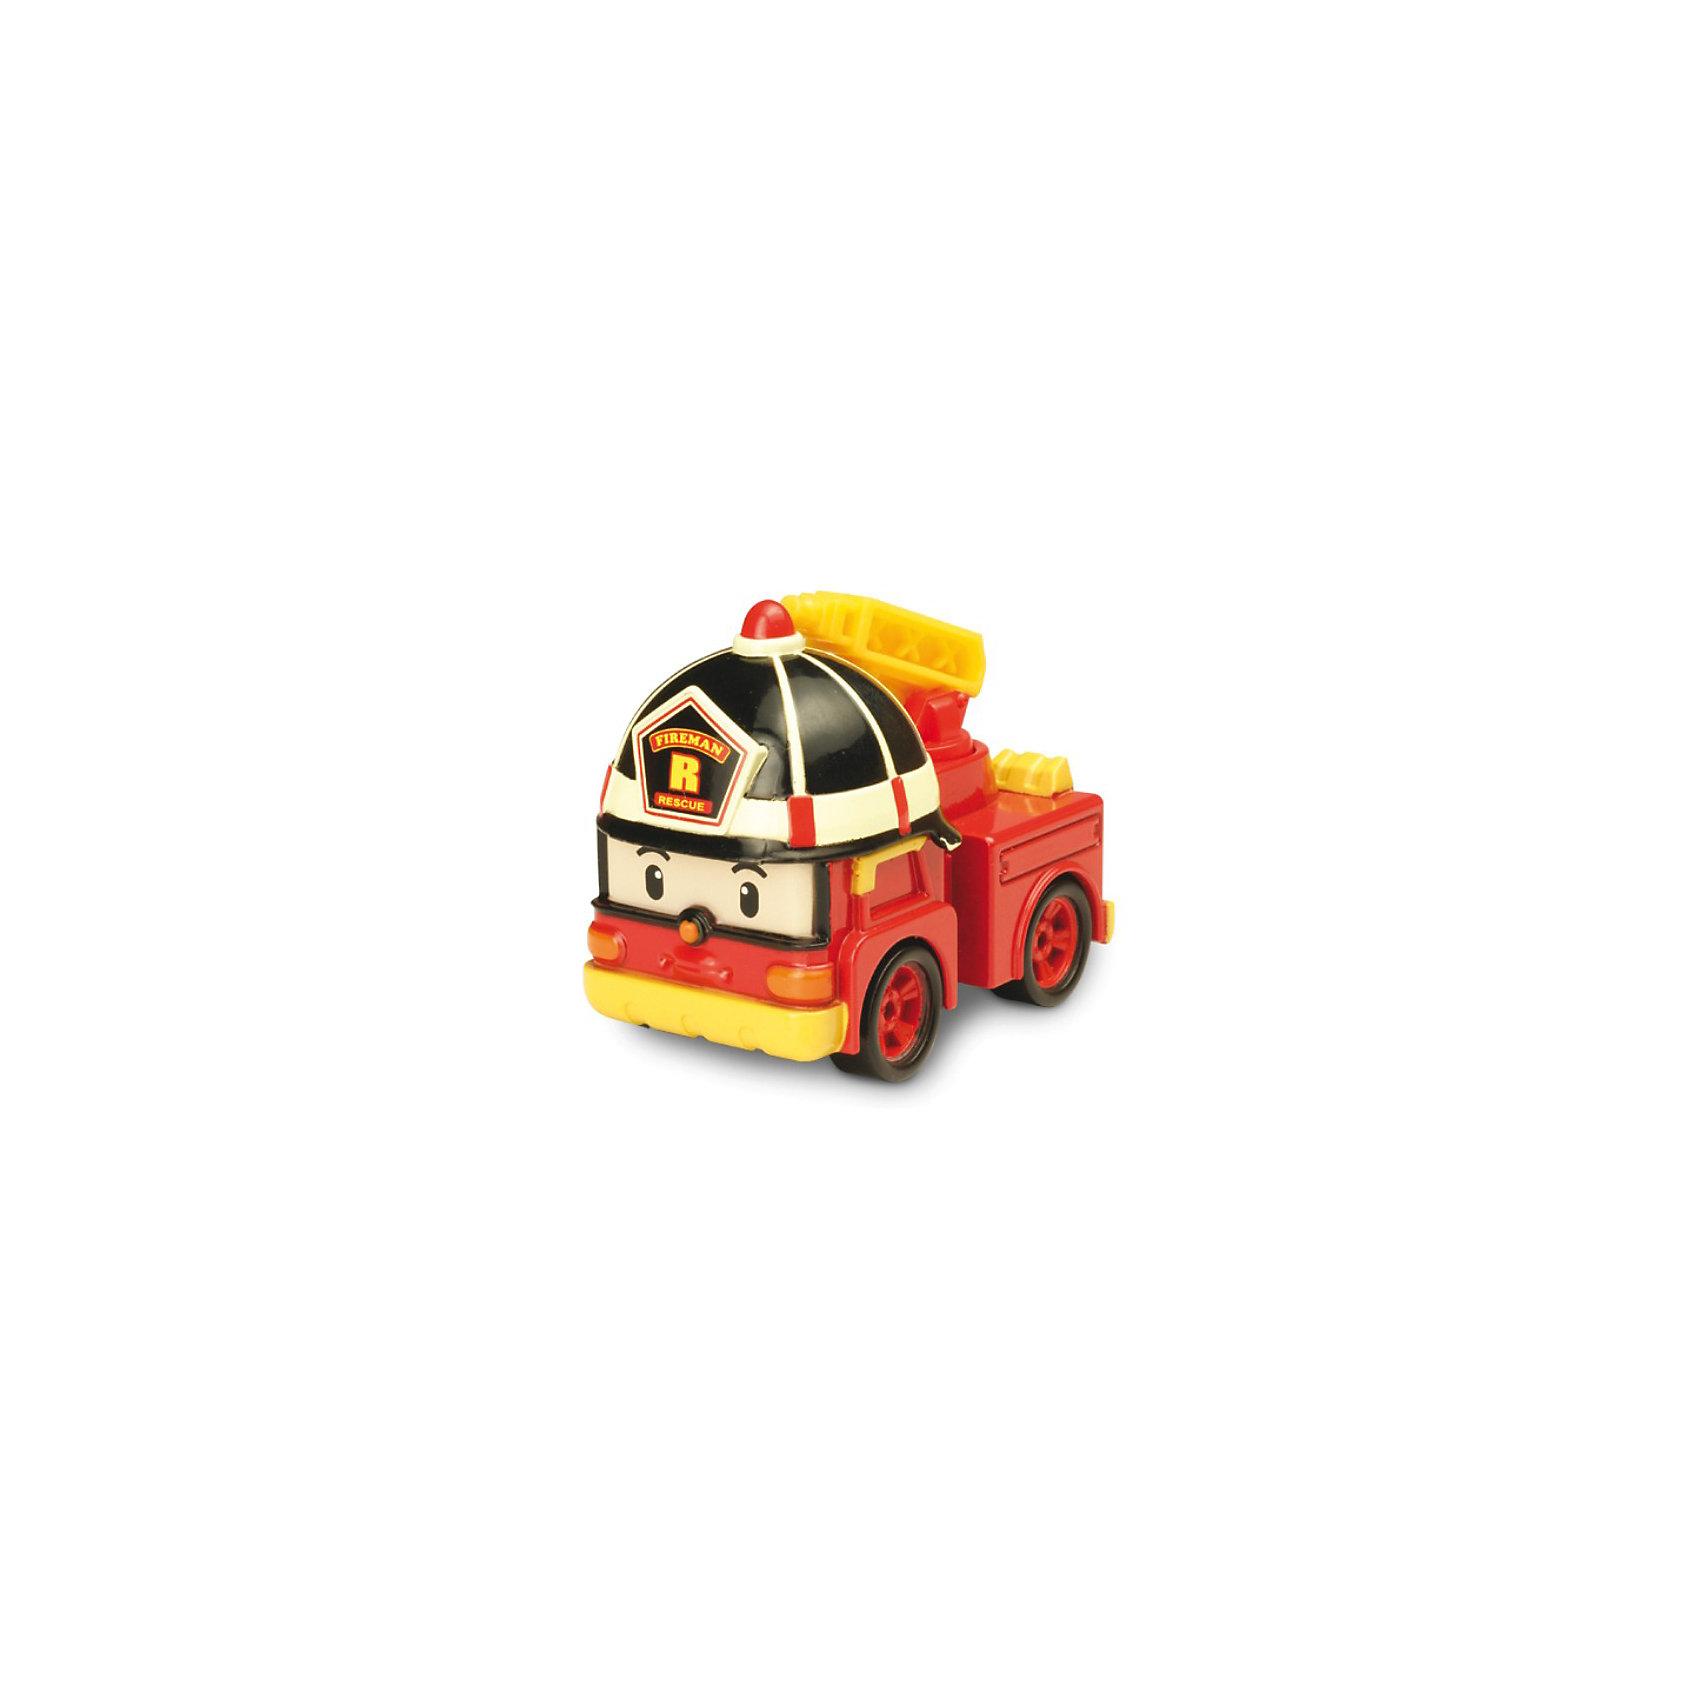 Игрушка Металлическая машинка Рой, 6 см, Робокар ПолиИгрушки<br>Металлическая машинка Рой , 6 см, Робокар Поли (Robocar Poli) персонаж супер команды спасателей мультсериала про полицейскую машинку-робота Поли и его друзей живущих в необычном городке Брумстаун, в котором машины живут наравне с людьми. Все машинки городка Брумстаун умеют говорить и у каждого героя есть свое дело. В этом городе все друг друга знают и все дружат. Именно, командная работа позволяет всем жителям городка справляться со всеми сложностями, выручать и поддерживать друг друга. <br>Пожарная машинка Рой (металлическая) - возможность пополнить коллекцию ребенка новым автомобильчиком. Отважный Рой всегда спешит на помощь и старается предотвратить чрезвычайную ситуацию, вызванную пожаром. Игрушка полностью отображает экранный образ храброго спасателя.<br><br>Дополнительная информация: <br><br>- металлическая машинка  Рой безопасна для ребенка в возрасте от трех лет и старше: материалы, которые использовались при производстве игрушки, не вызывают у крохи аллергию и абсолютно нетоксичны;<br> - автомобиль отличается обтекаемым корпусом и полным отсутствием острых углов;<br> - машинка очень красочная, основными оттенками являются красный и желтый;<br>- на корпусе автомобиля есть специальный знак, говорящий о соответствии игрушки европейским стандартам качества;<br>-  развивает: мелкую моторику рук и мышцы пальцев, координацию движений, фантазию и умение подражать, навык игры в коллективе;<br>- размер игрушки - 6 см;<br>- размер упаковки: 14 х 16 х 5 см;<br>- материал  игрушки - металл;<br>- вес игрушки  0,18 кг.<br><br>Металлическую машинку Рой  , 6 см, Робокар Поли (Robocar Poli) <br>вы можете купить в нашем интернет-магазине.<br><br>Ширина мм: 140<br>Глубина мм: 160<br>Высота мм: 50<br>Вес г: 184<br>Возраст от месяцев: 36<br>Возраст до месяцев: 84<br>Пол: Мужской<br>Возраст: Детский<br>SKU: 3526763